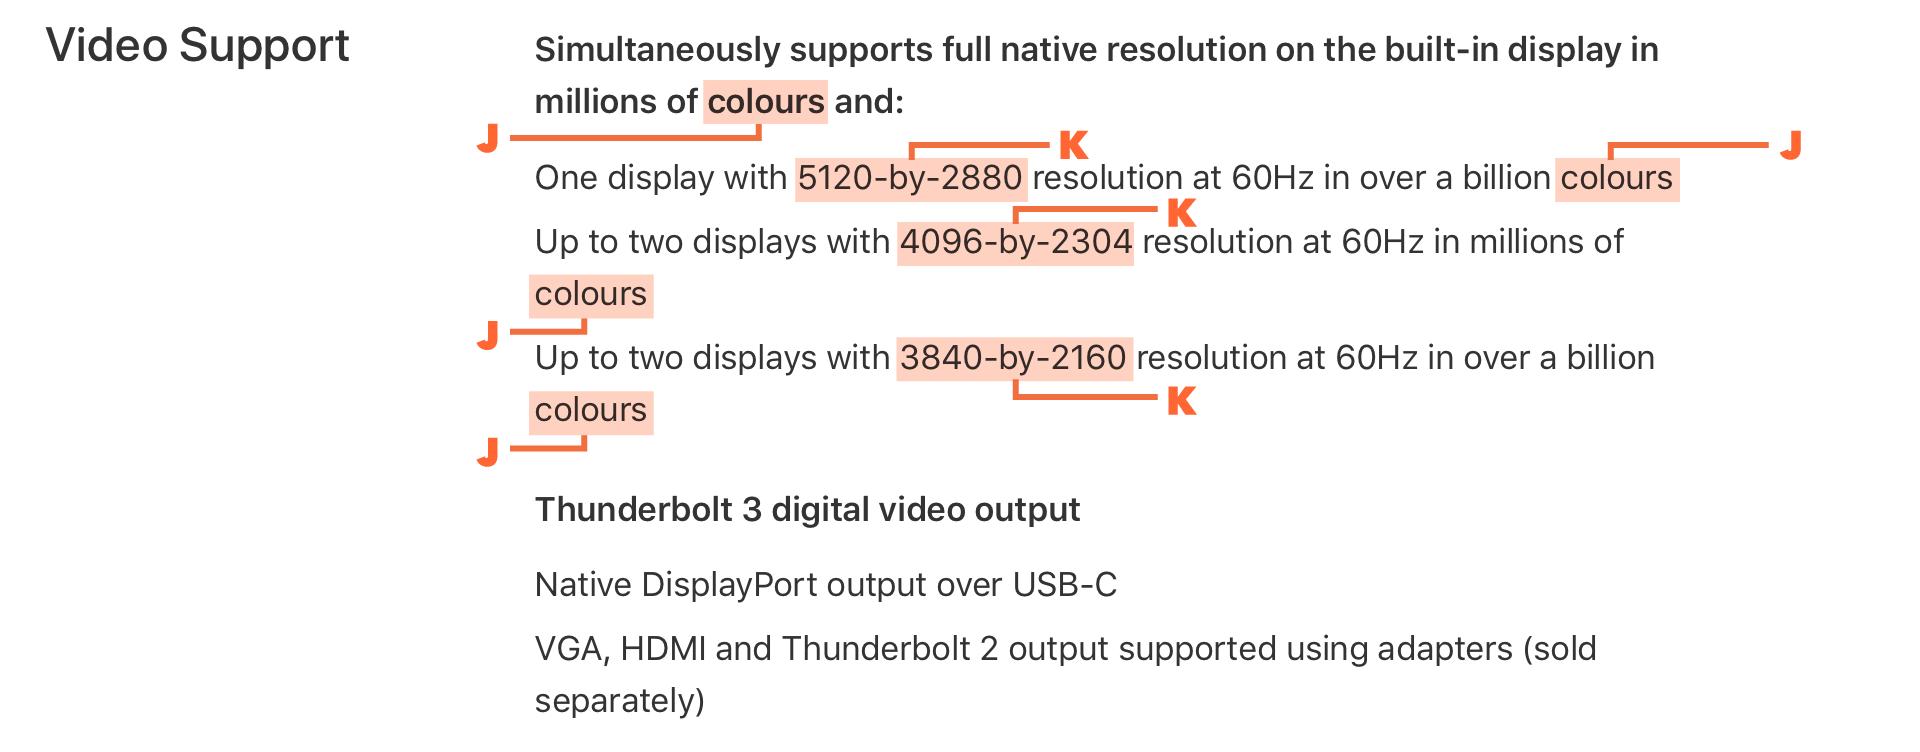 Macbook Pro ビデオサポート(オーストラリア)